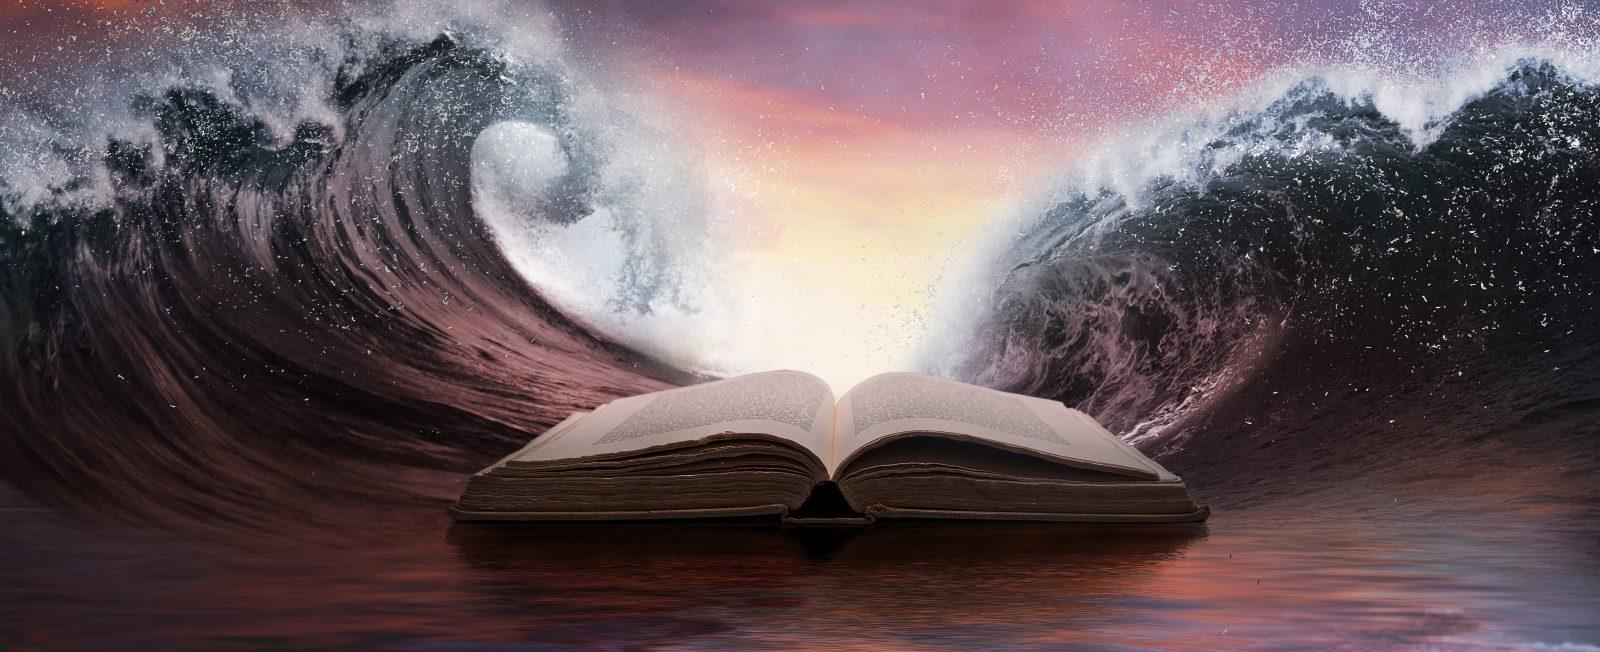 Napi igeversek a Bibliából, bibliai idézetek